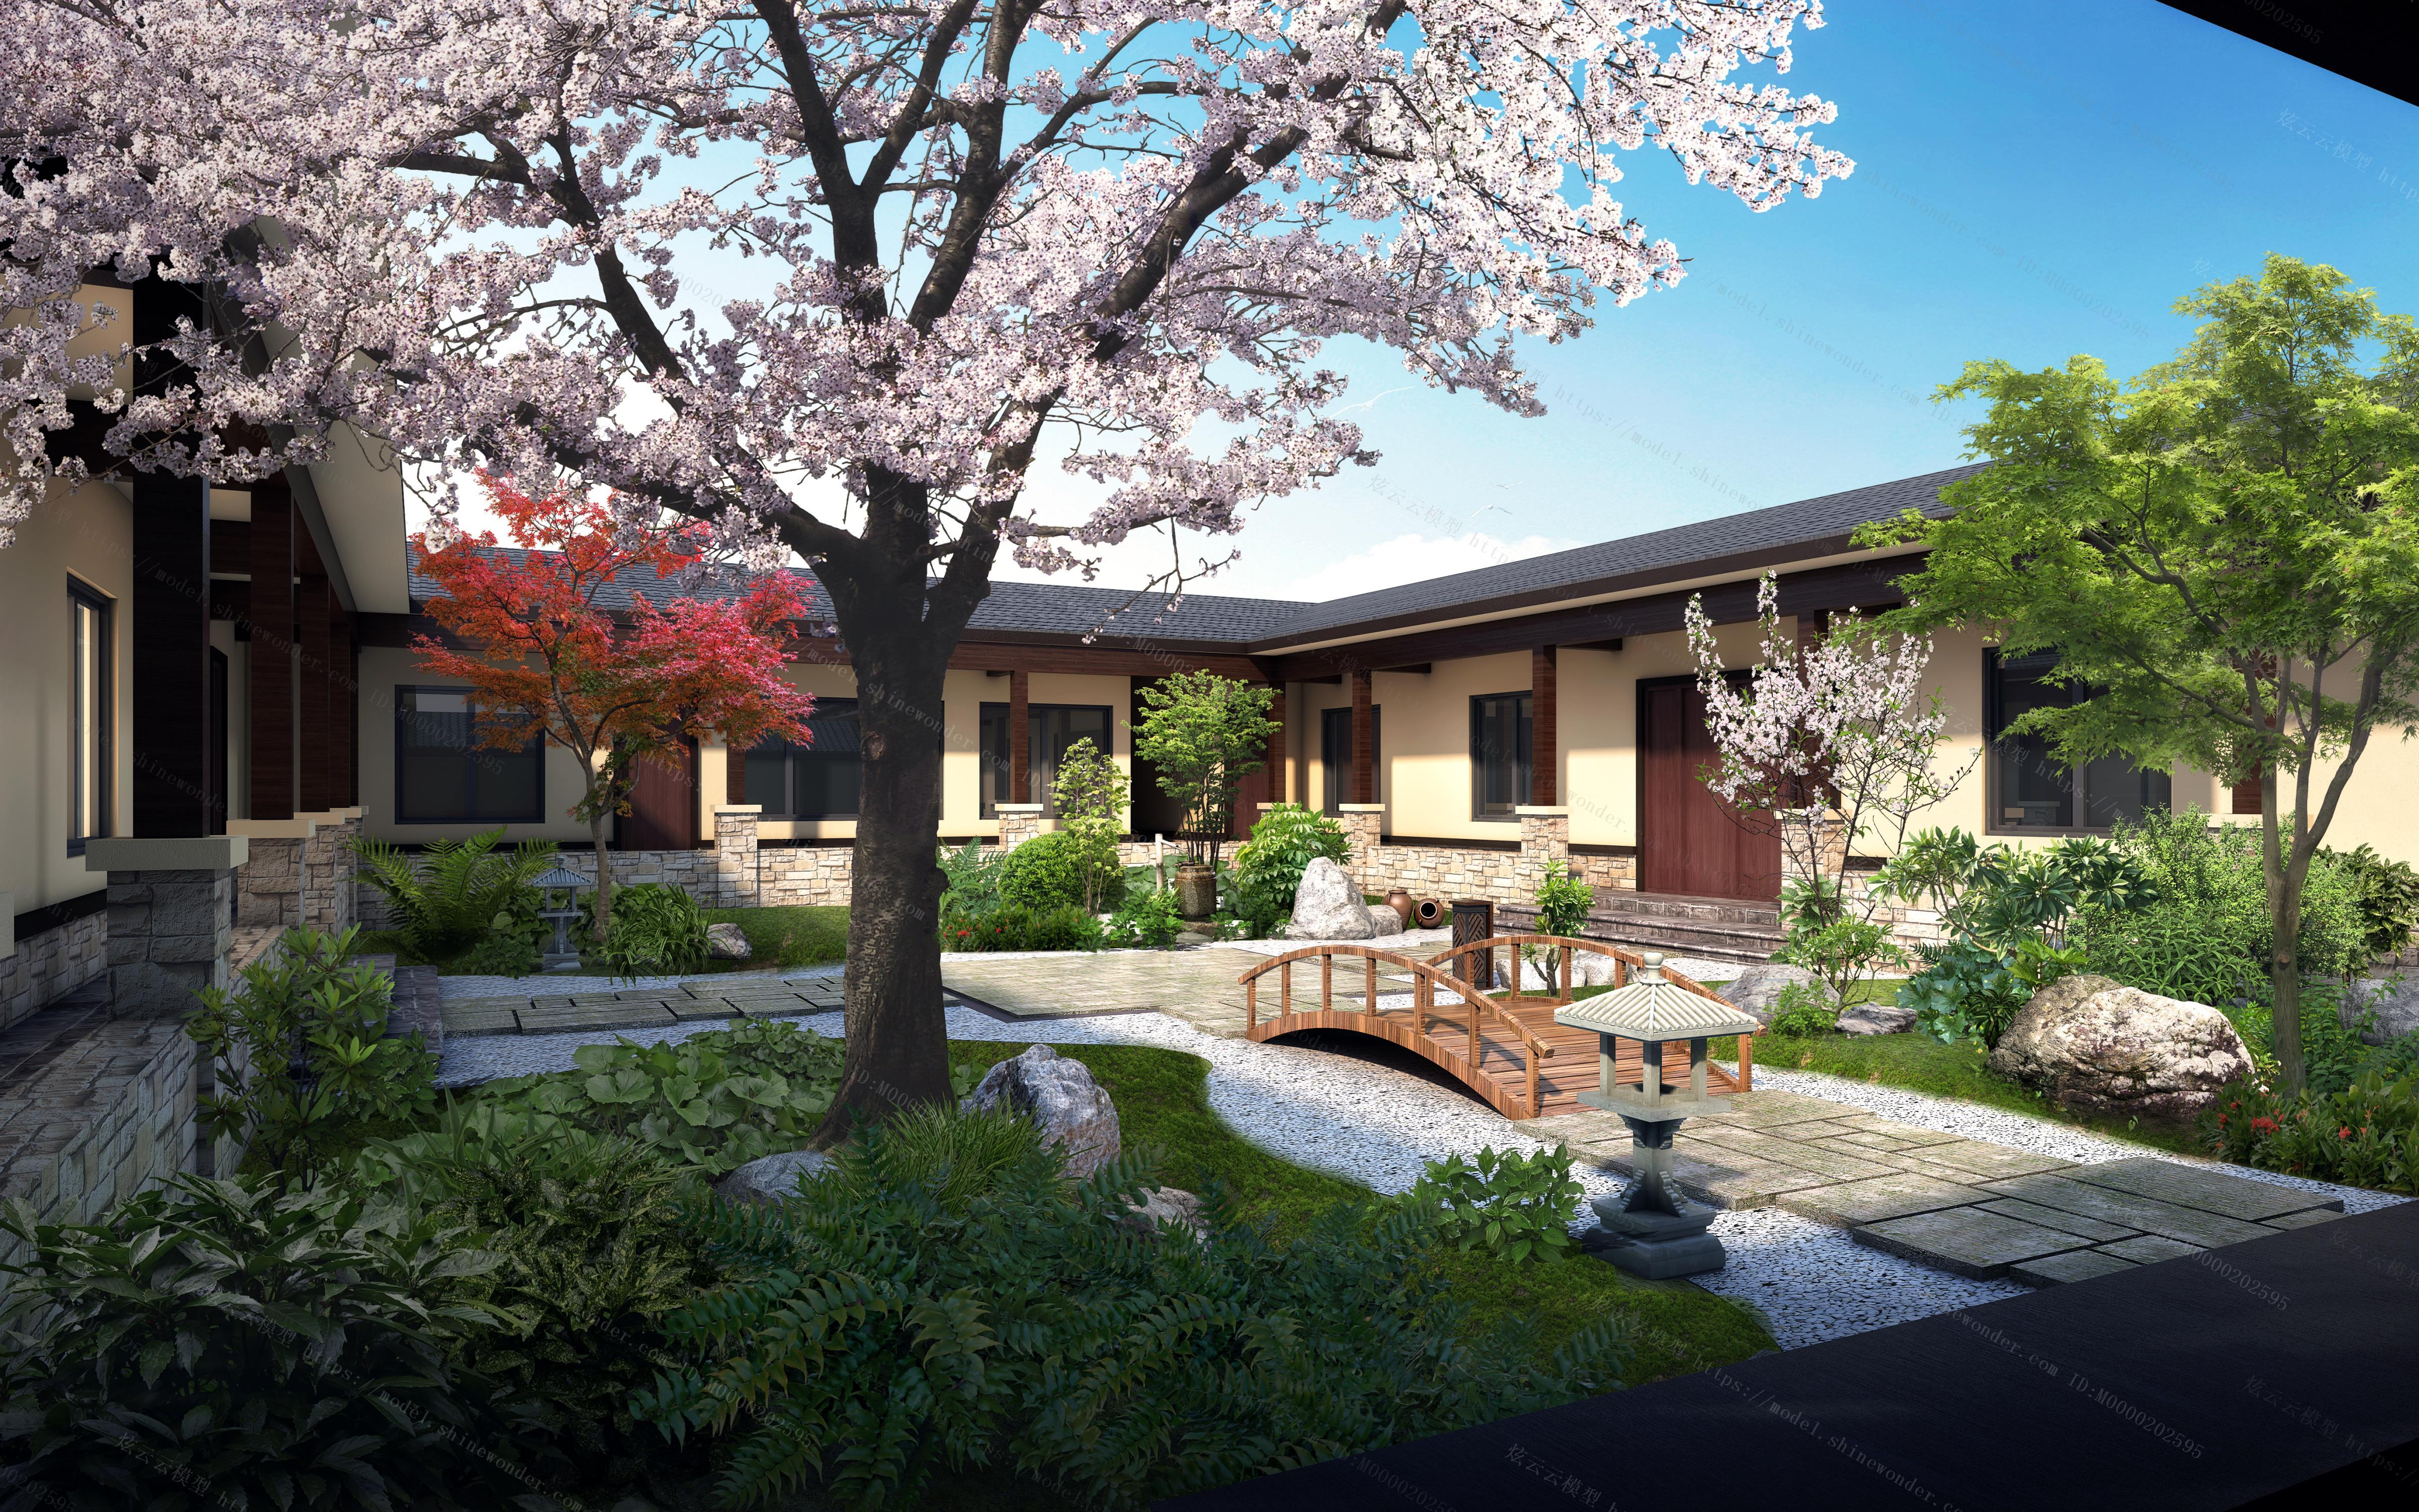 中式庭院景观模型